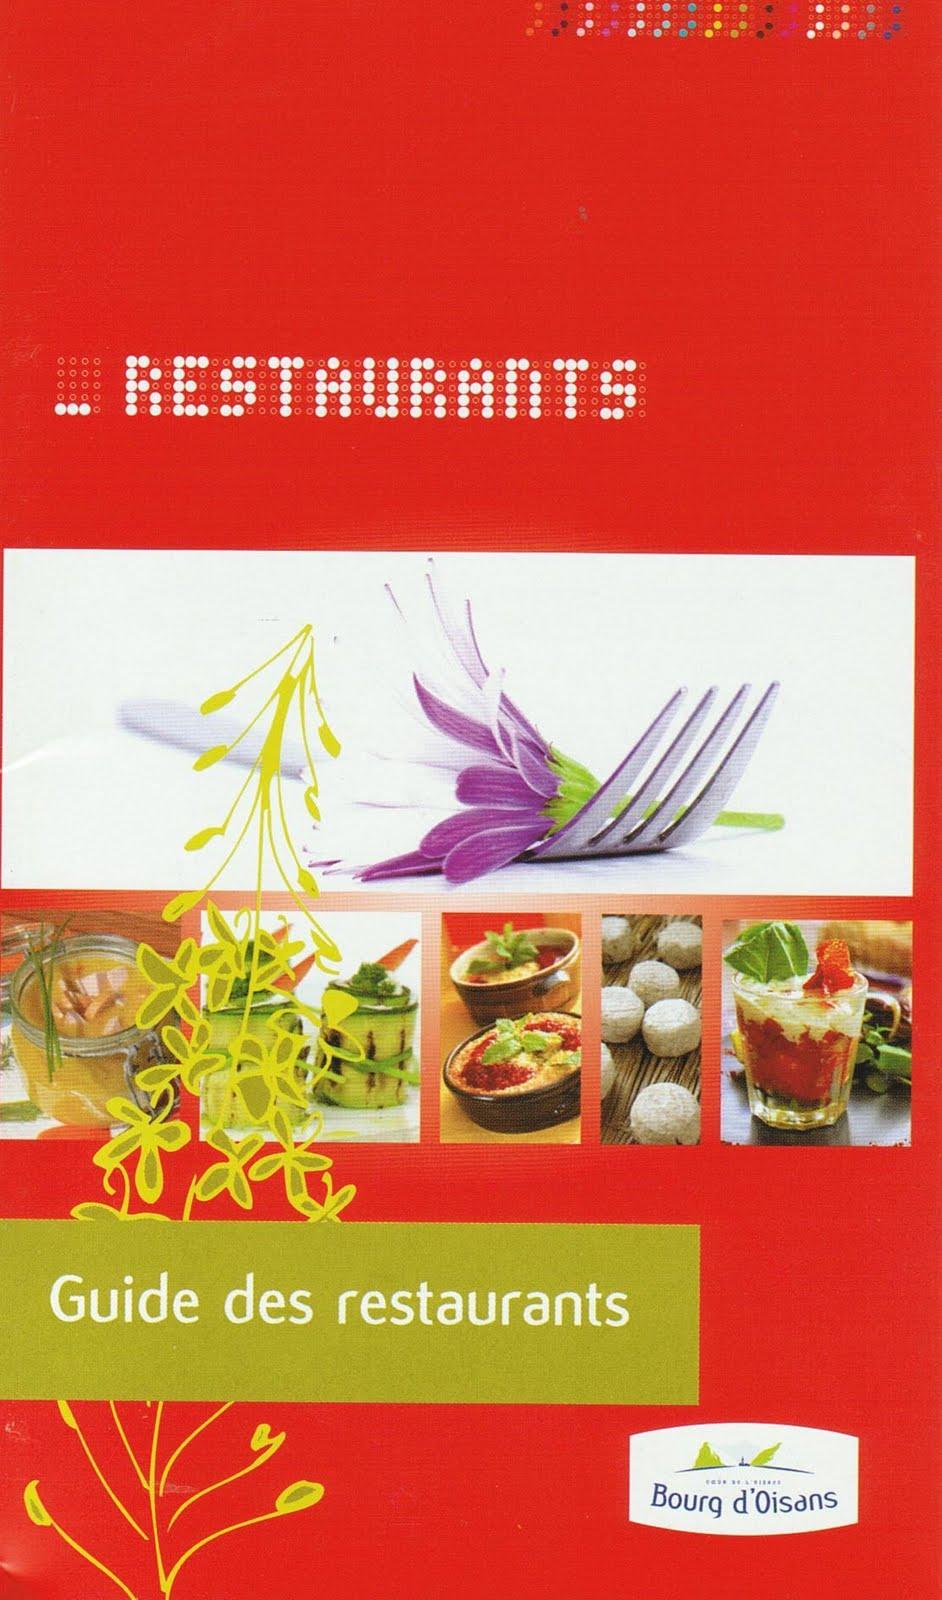 News de l 39 office de tourisme bourg d 39 oisans nouveau guide des restaurants de bourg d 39 oisans et - Bourg d oisans office tourisme ...